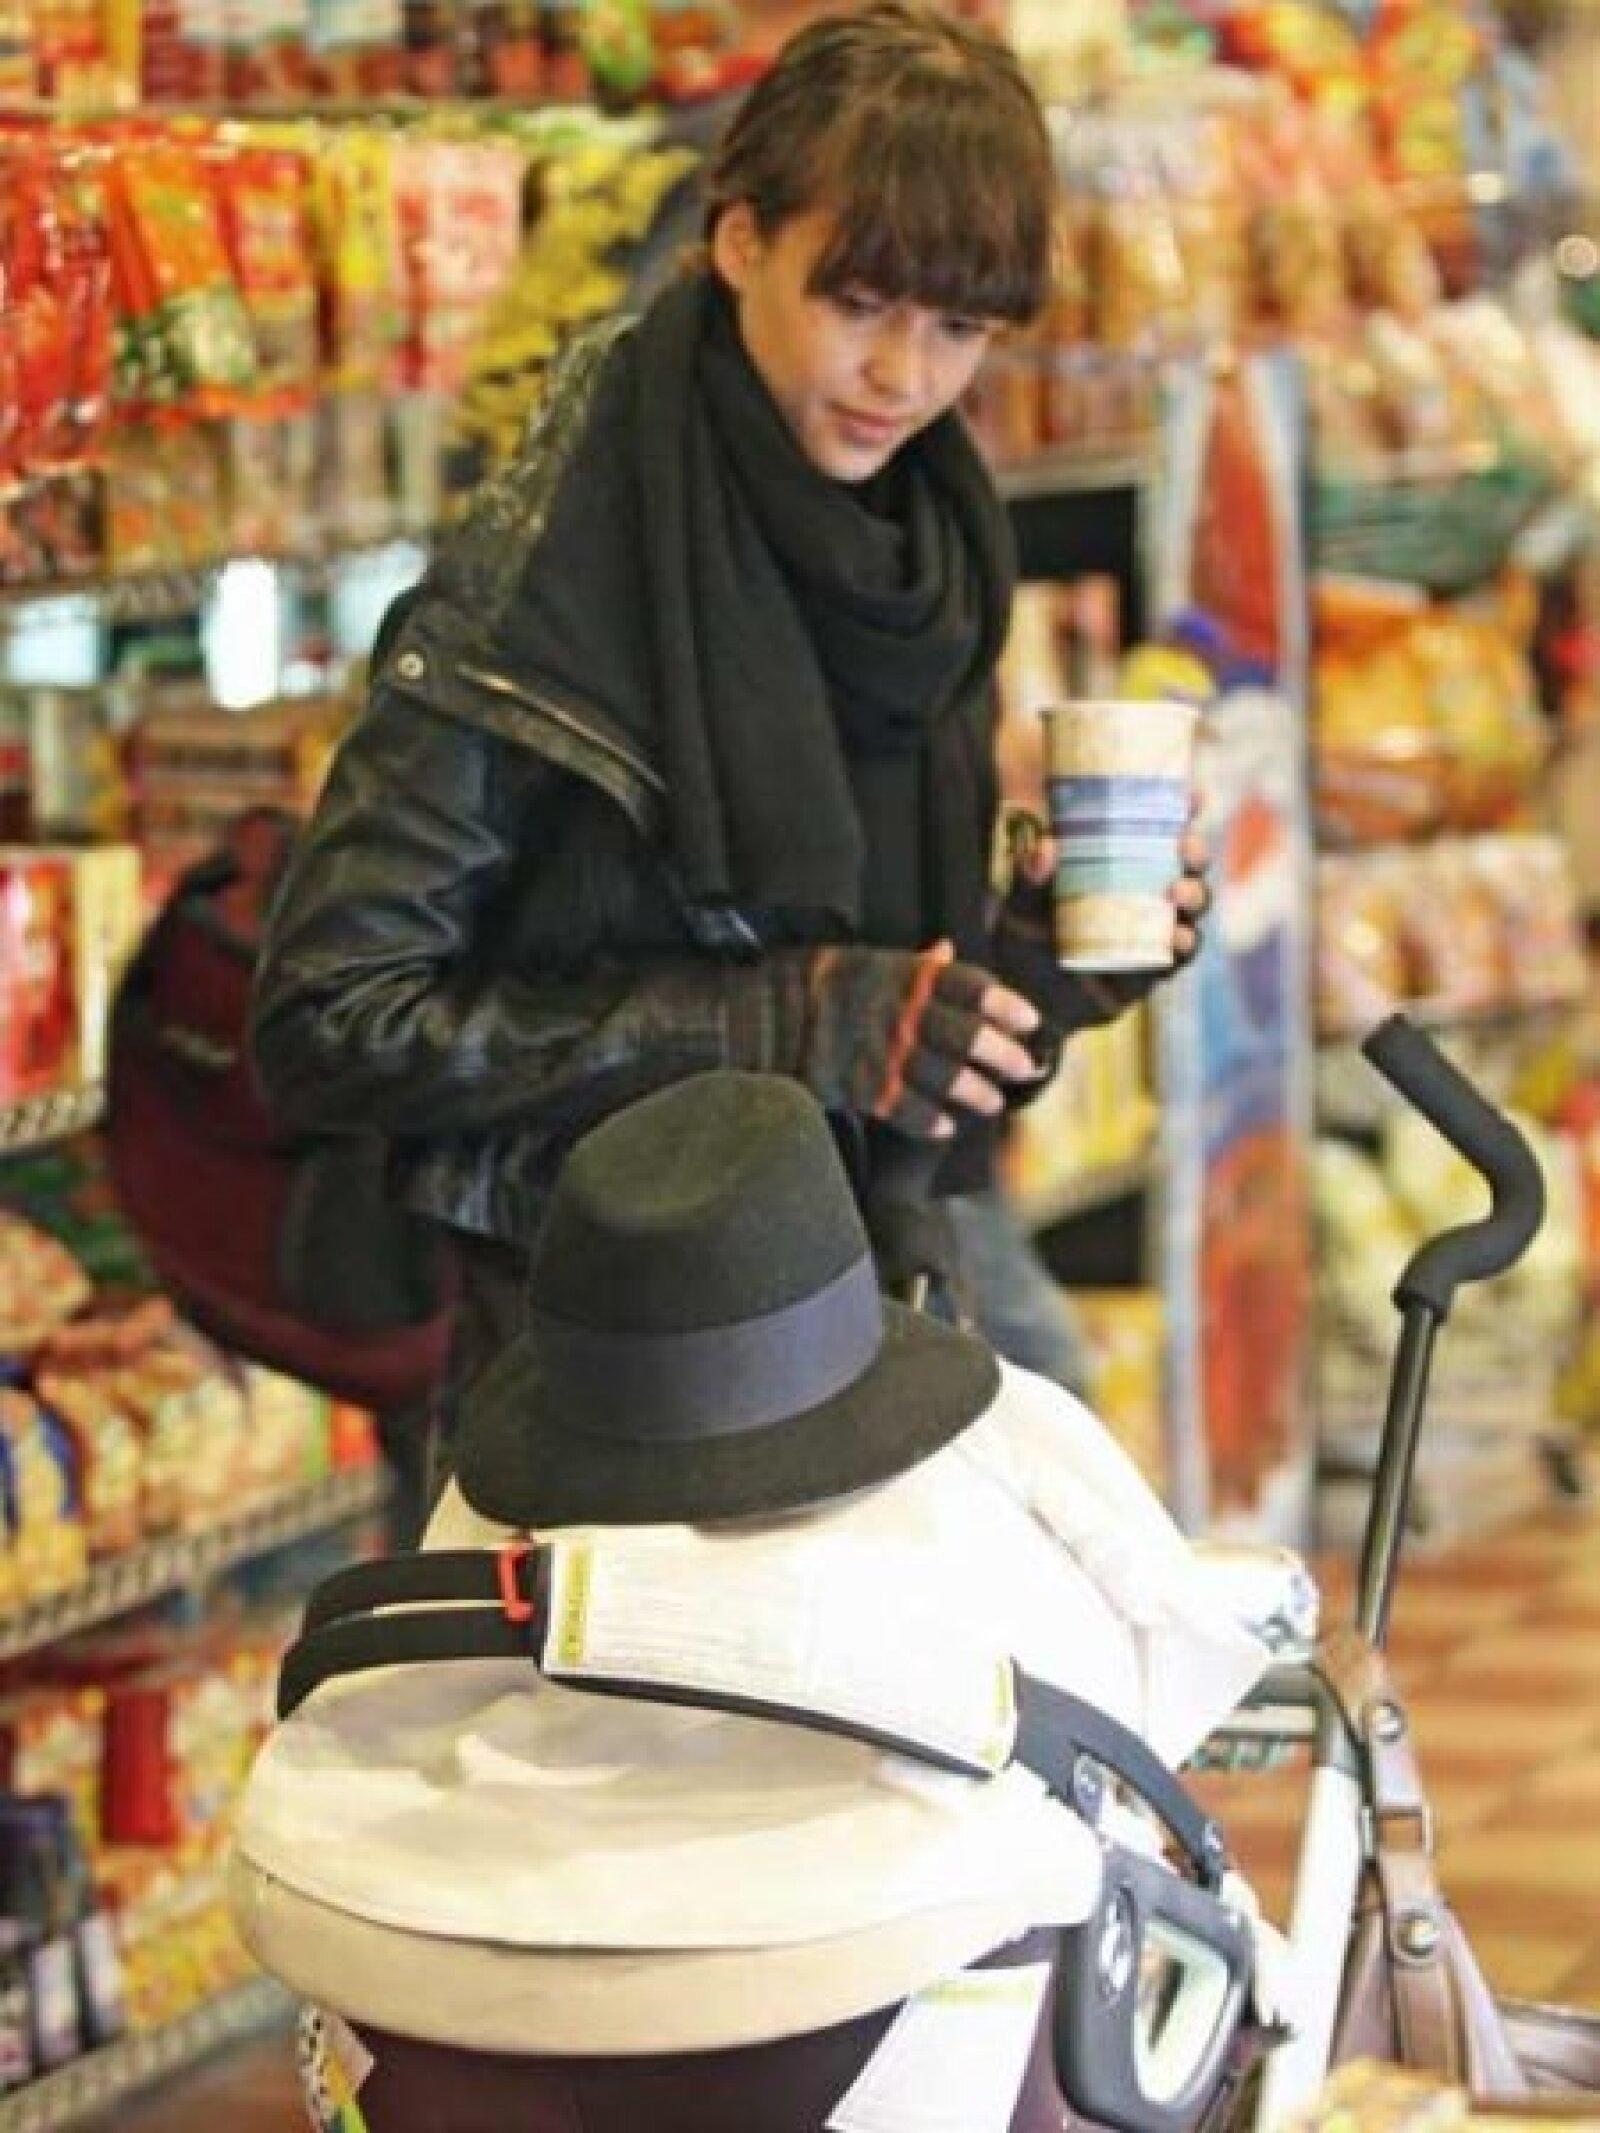 Otra de las afortunadas en tener un lindo bebé, fue la actriz de origen latino Jessica Alba quien aseguró en una entrevista que quiere que su bebé hable español.